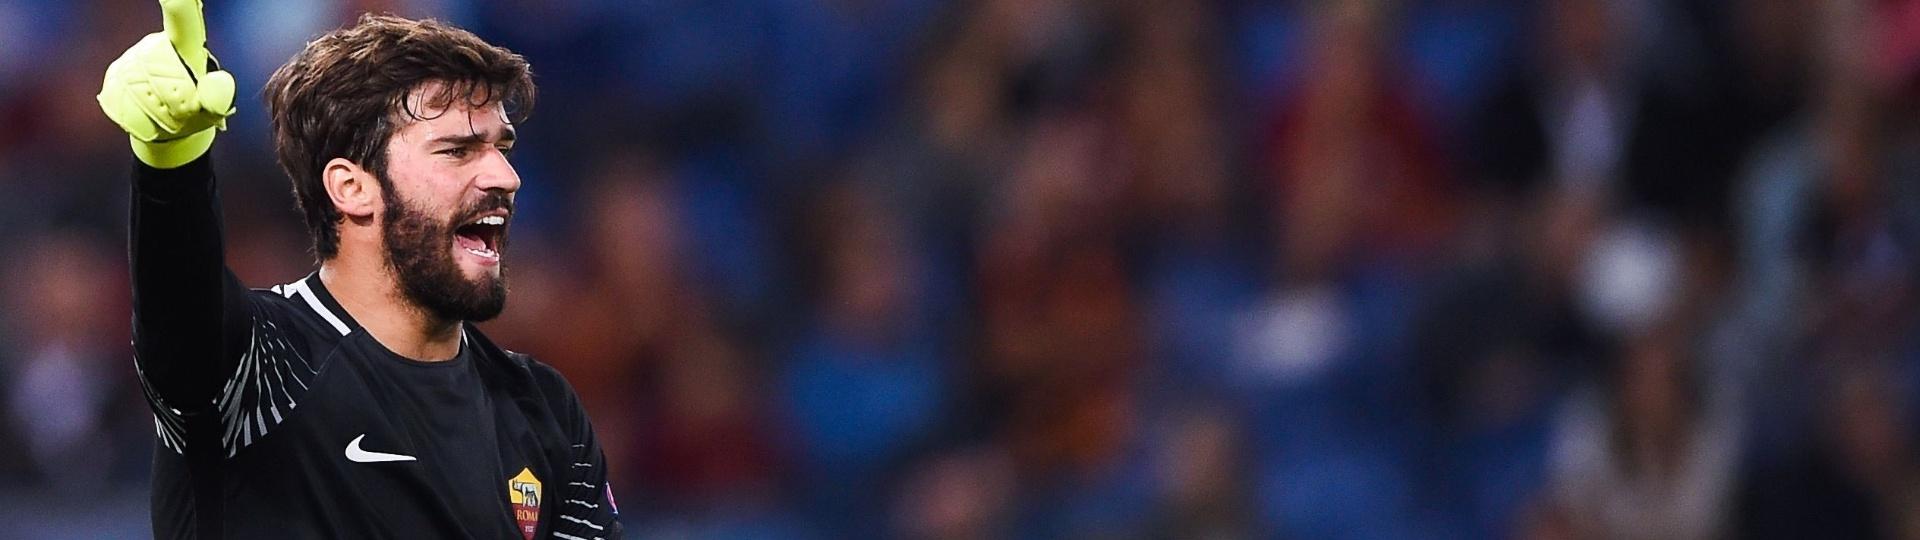 Alisson foi destaque em jogo entre Roma e Atlético de Madri